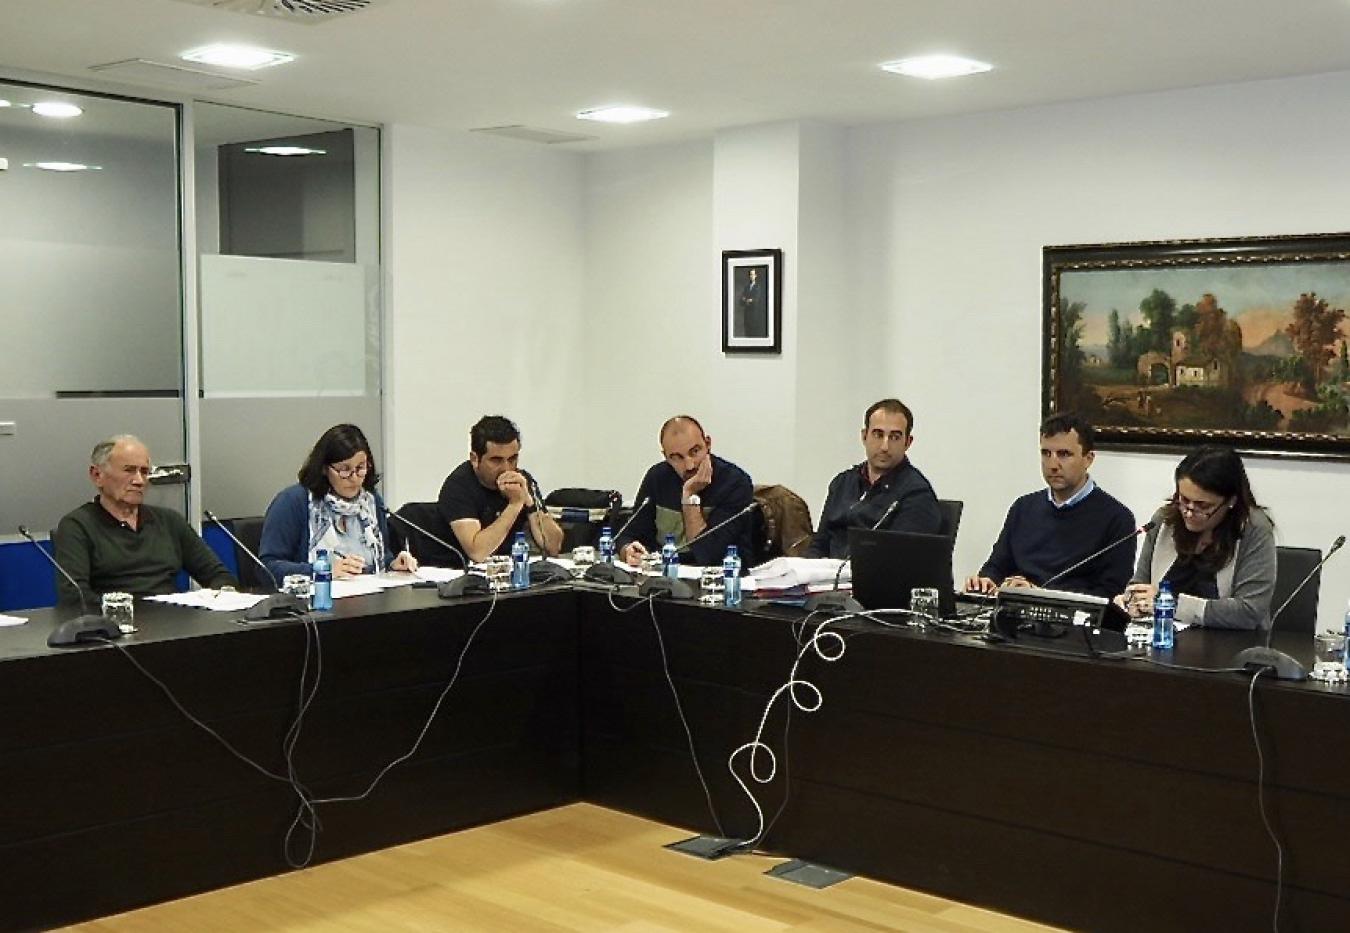 Charo Fernández y sus compañeros seguirán trabajando con normalidad hasta el fin de la legislatura